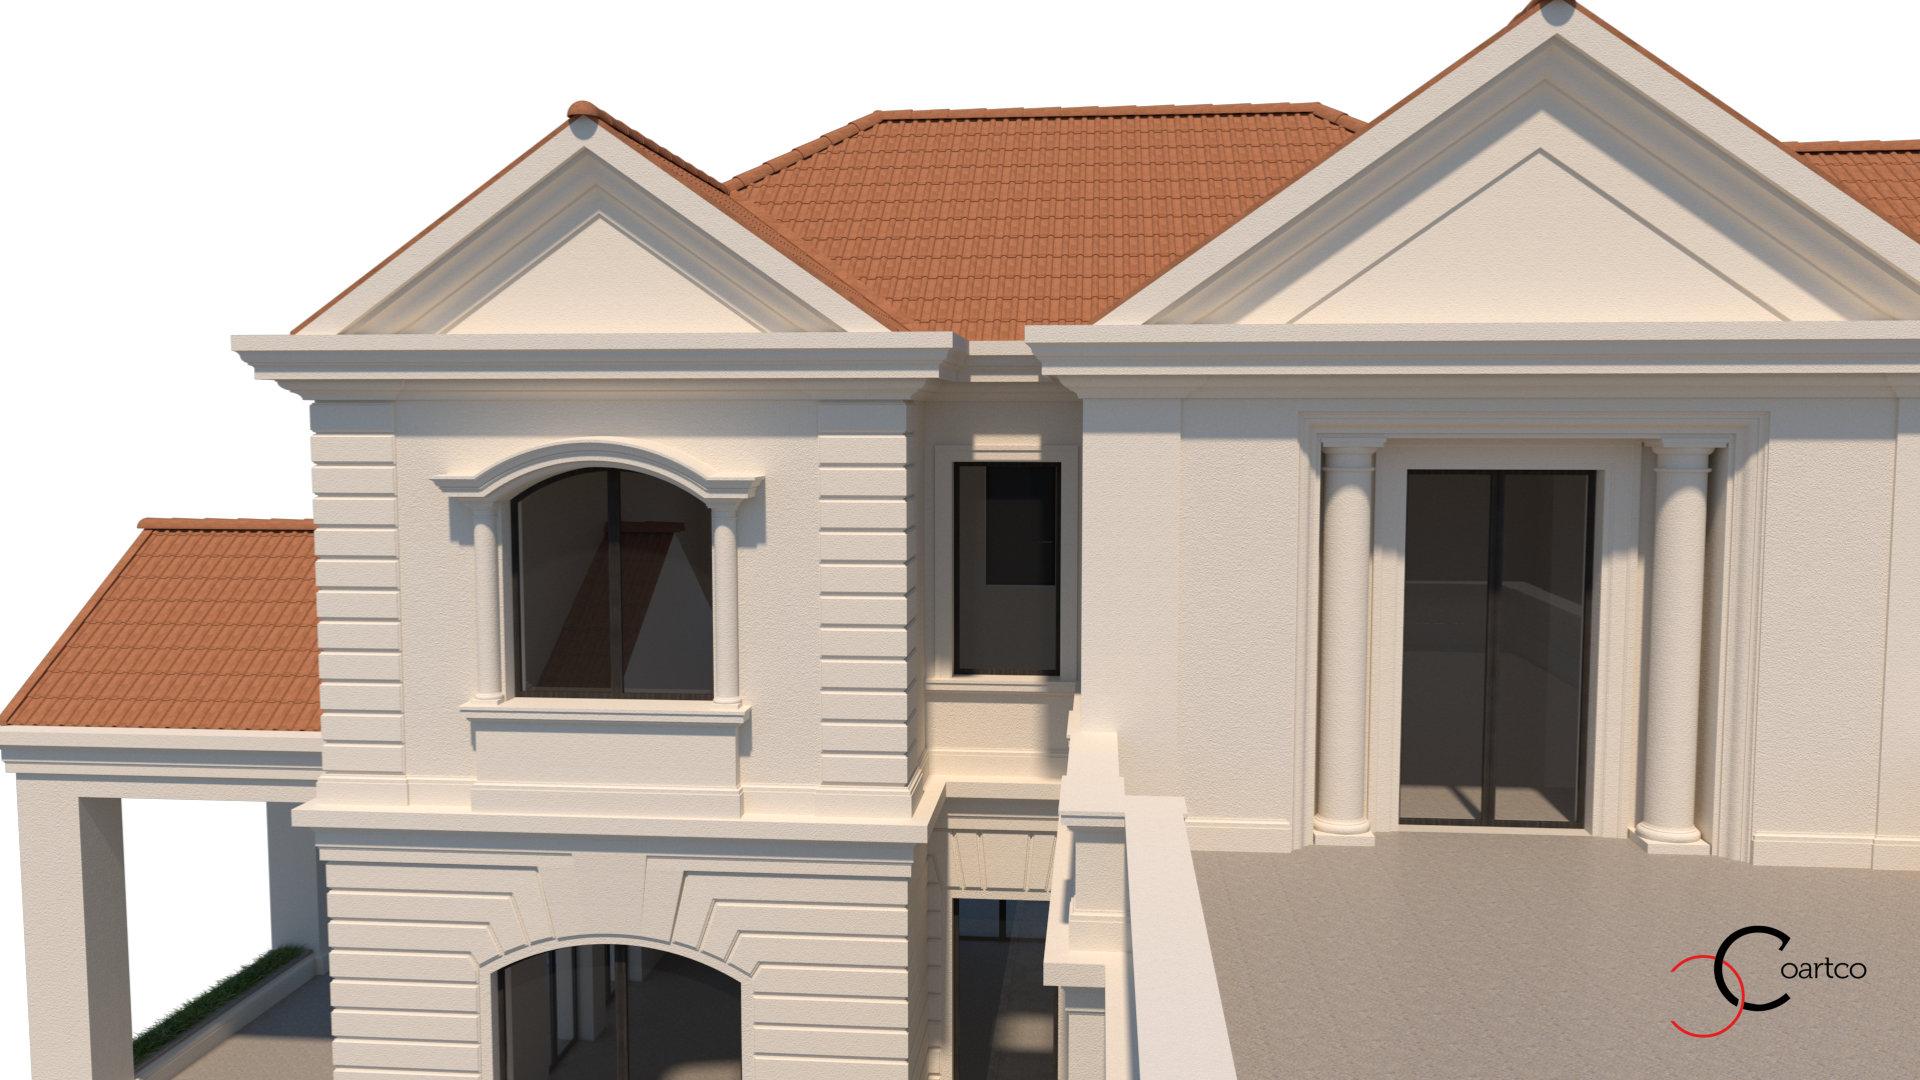 culori-decorative-case-exterior